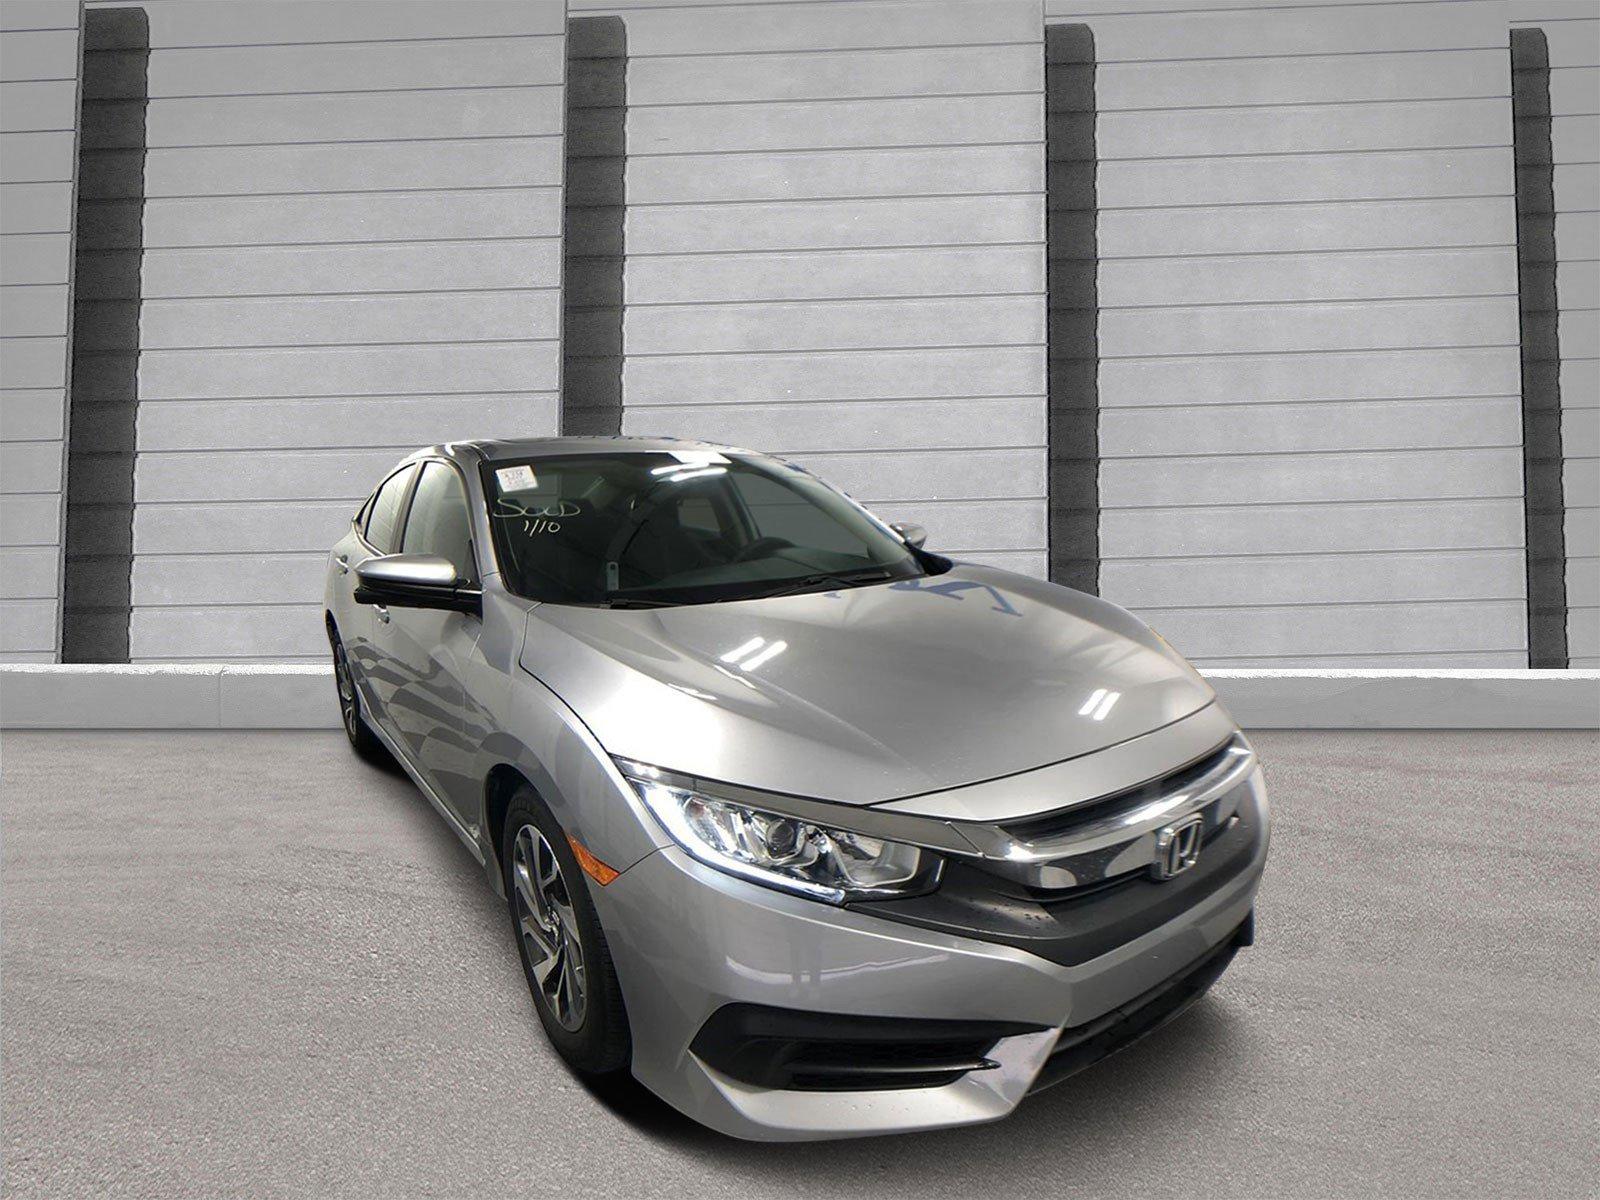 2017 Honda Civic EX Sedan image